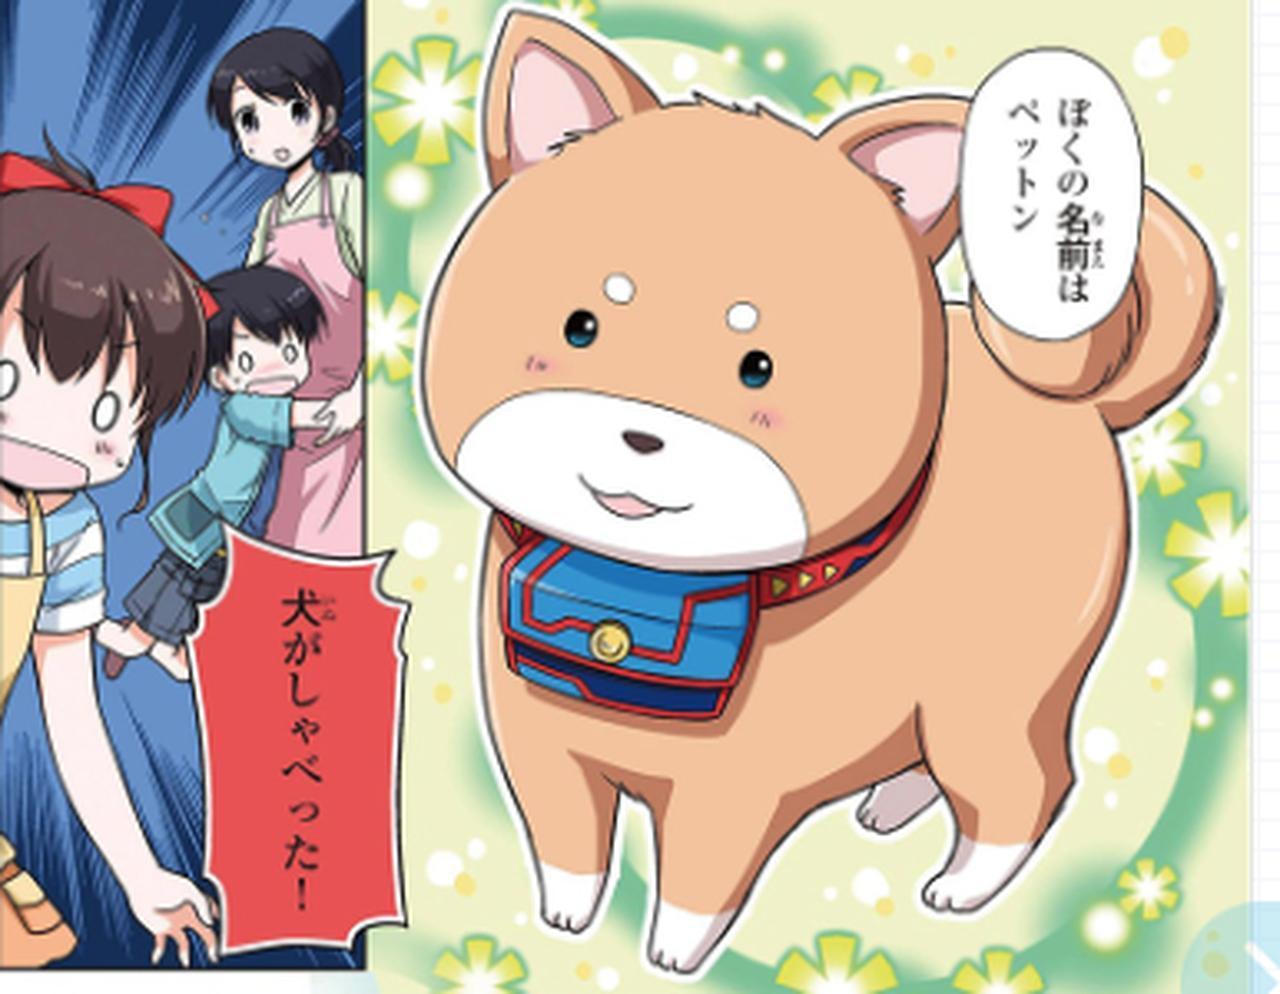 画像: ペットン しゃべる犬。未来のエネルギー問題を解決するため未来からやってきた。 www.honda.co.jp